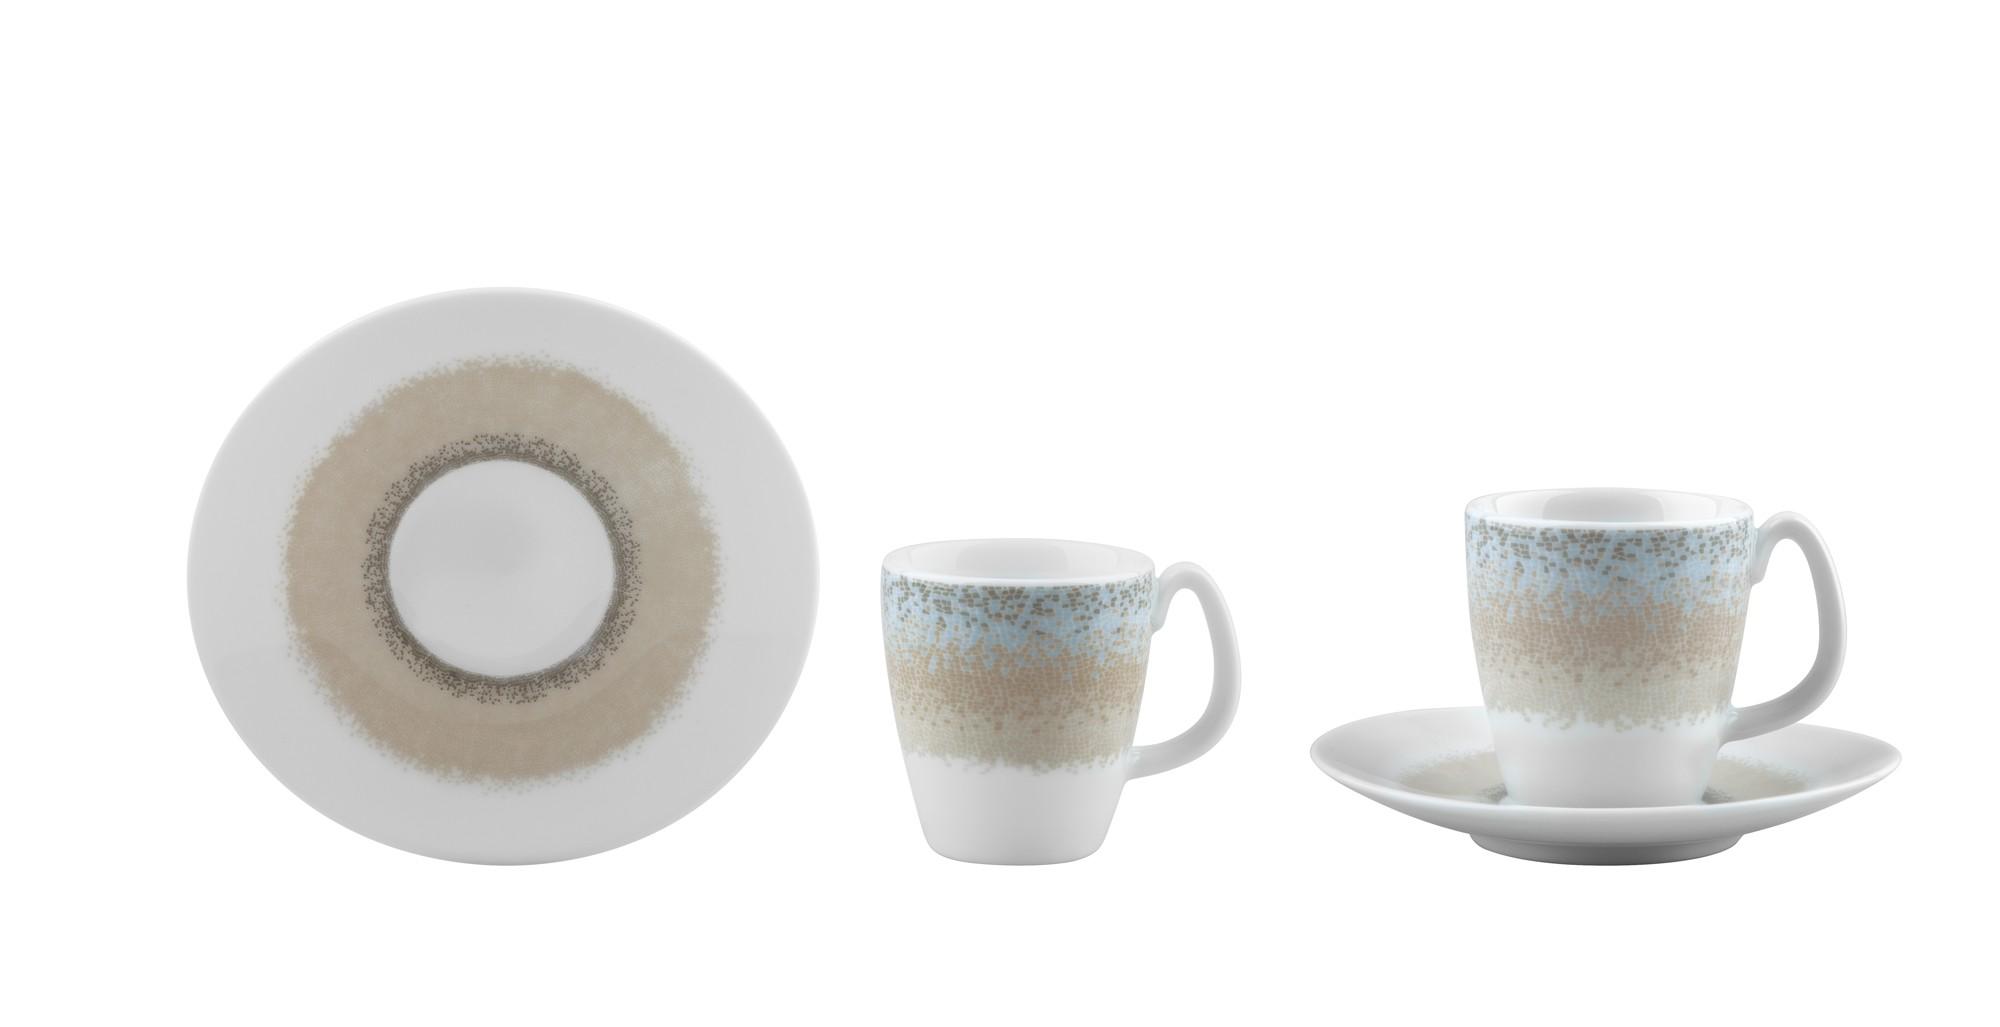 Φλυτζάνι & Πιάτο Καφέ Apeiron Beige Σετ 6τμχ Ionia home   ειδη cafe τσαϊ   κούπες   φλυτζάνια